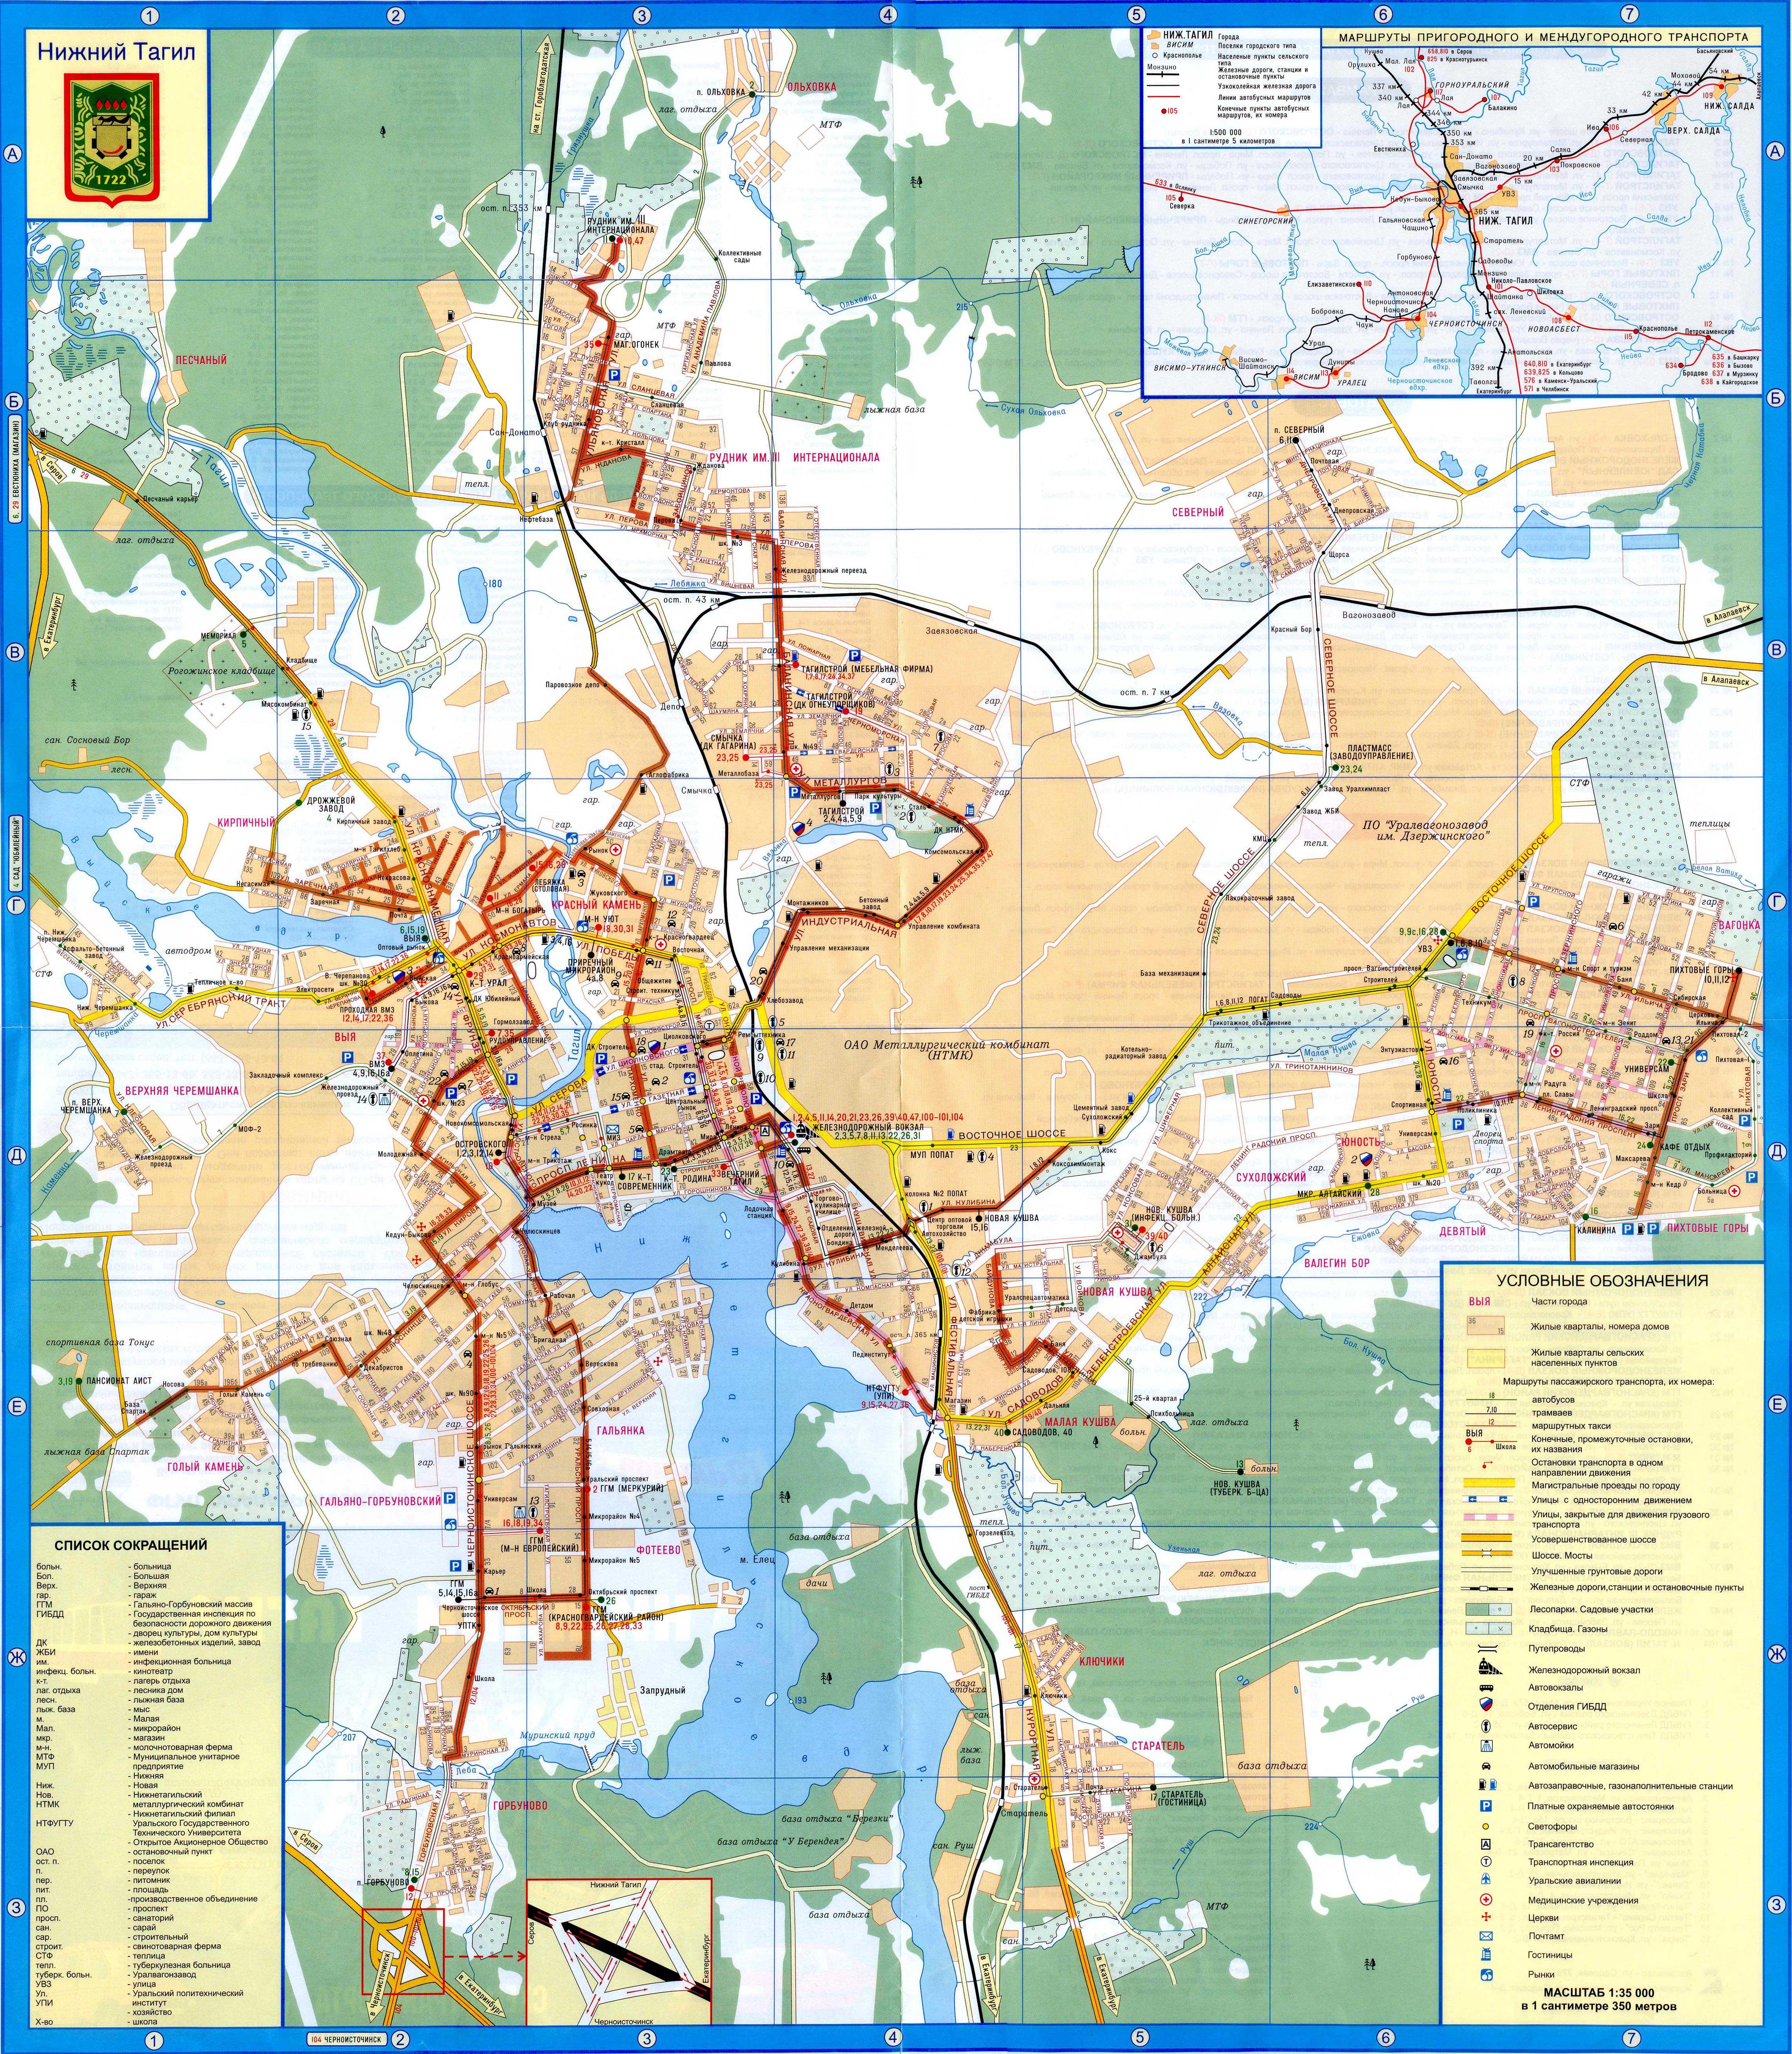 карта нижнего тагила подробная с описанием - DosugNT Подробная карта Нижнего Тагила с.